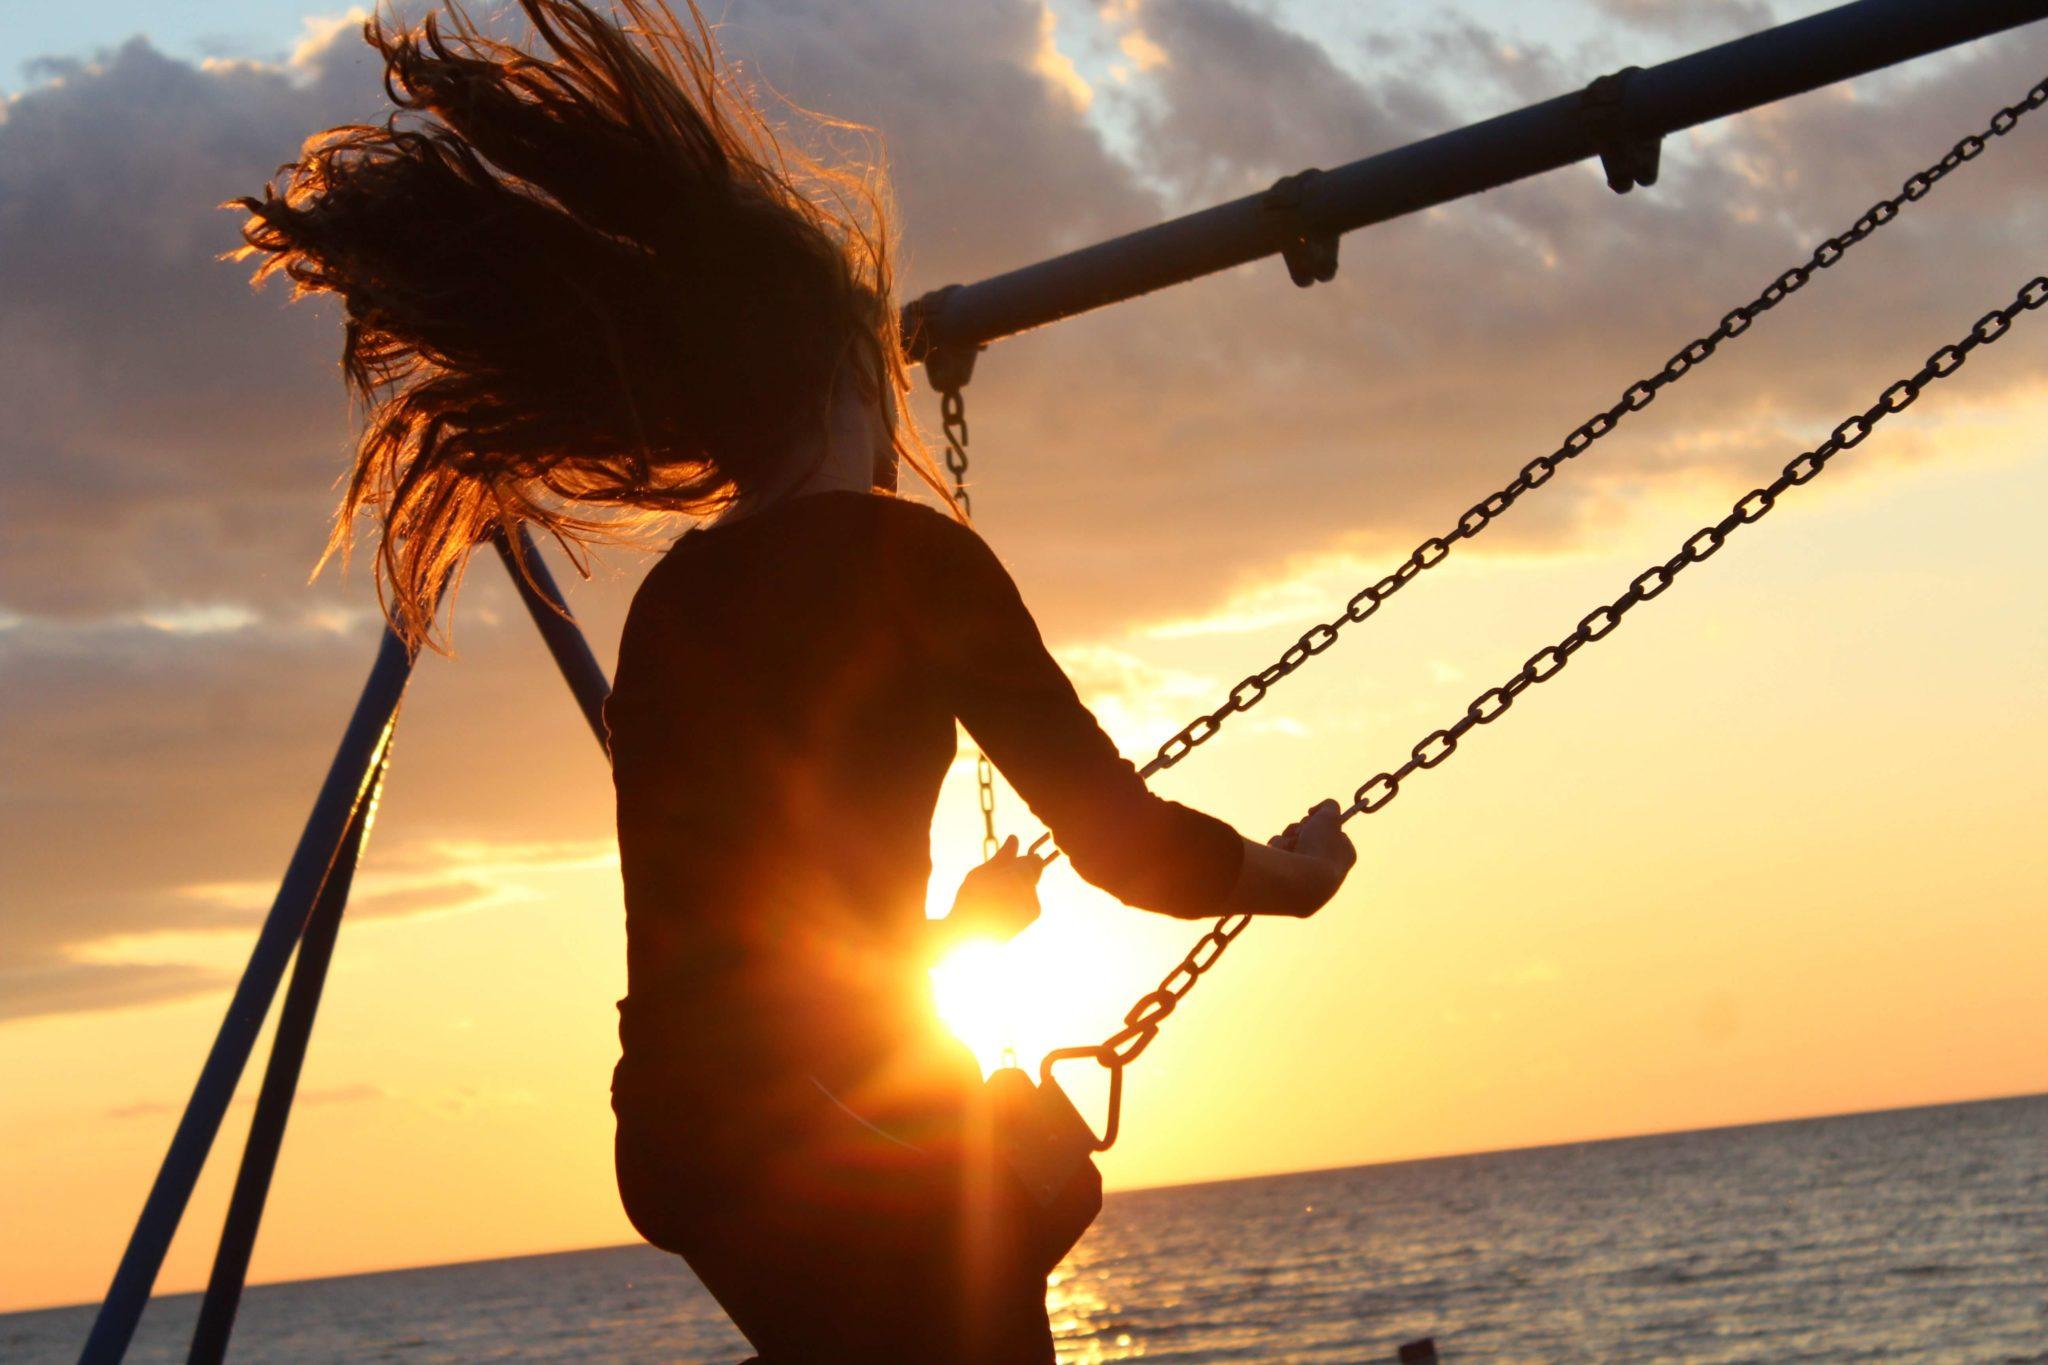 wolność, huśtawka, możliwości, szczęśliwe życie, morze, człowiek, radosny człowiek